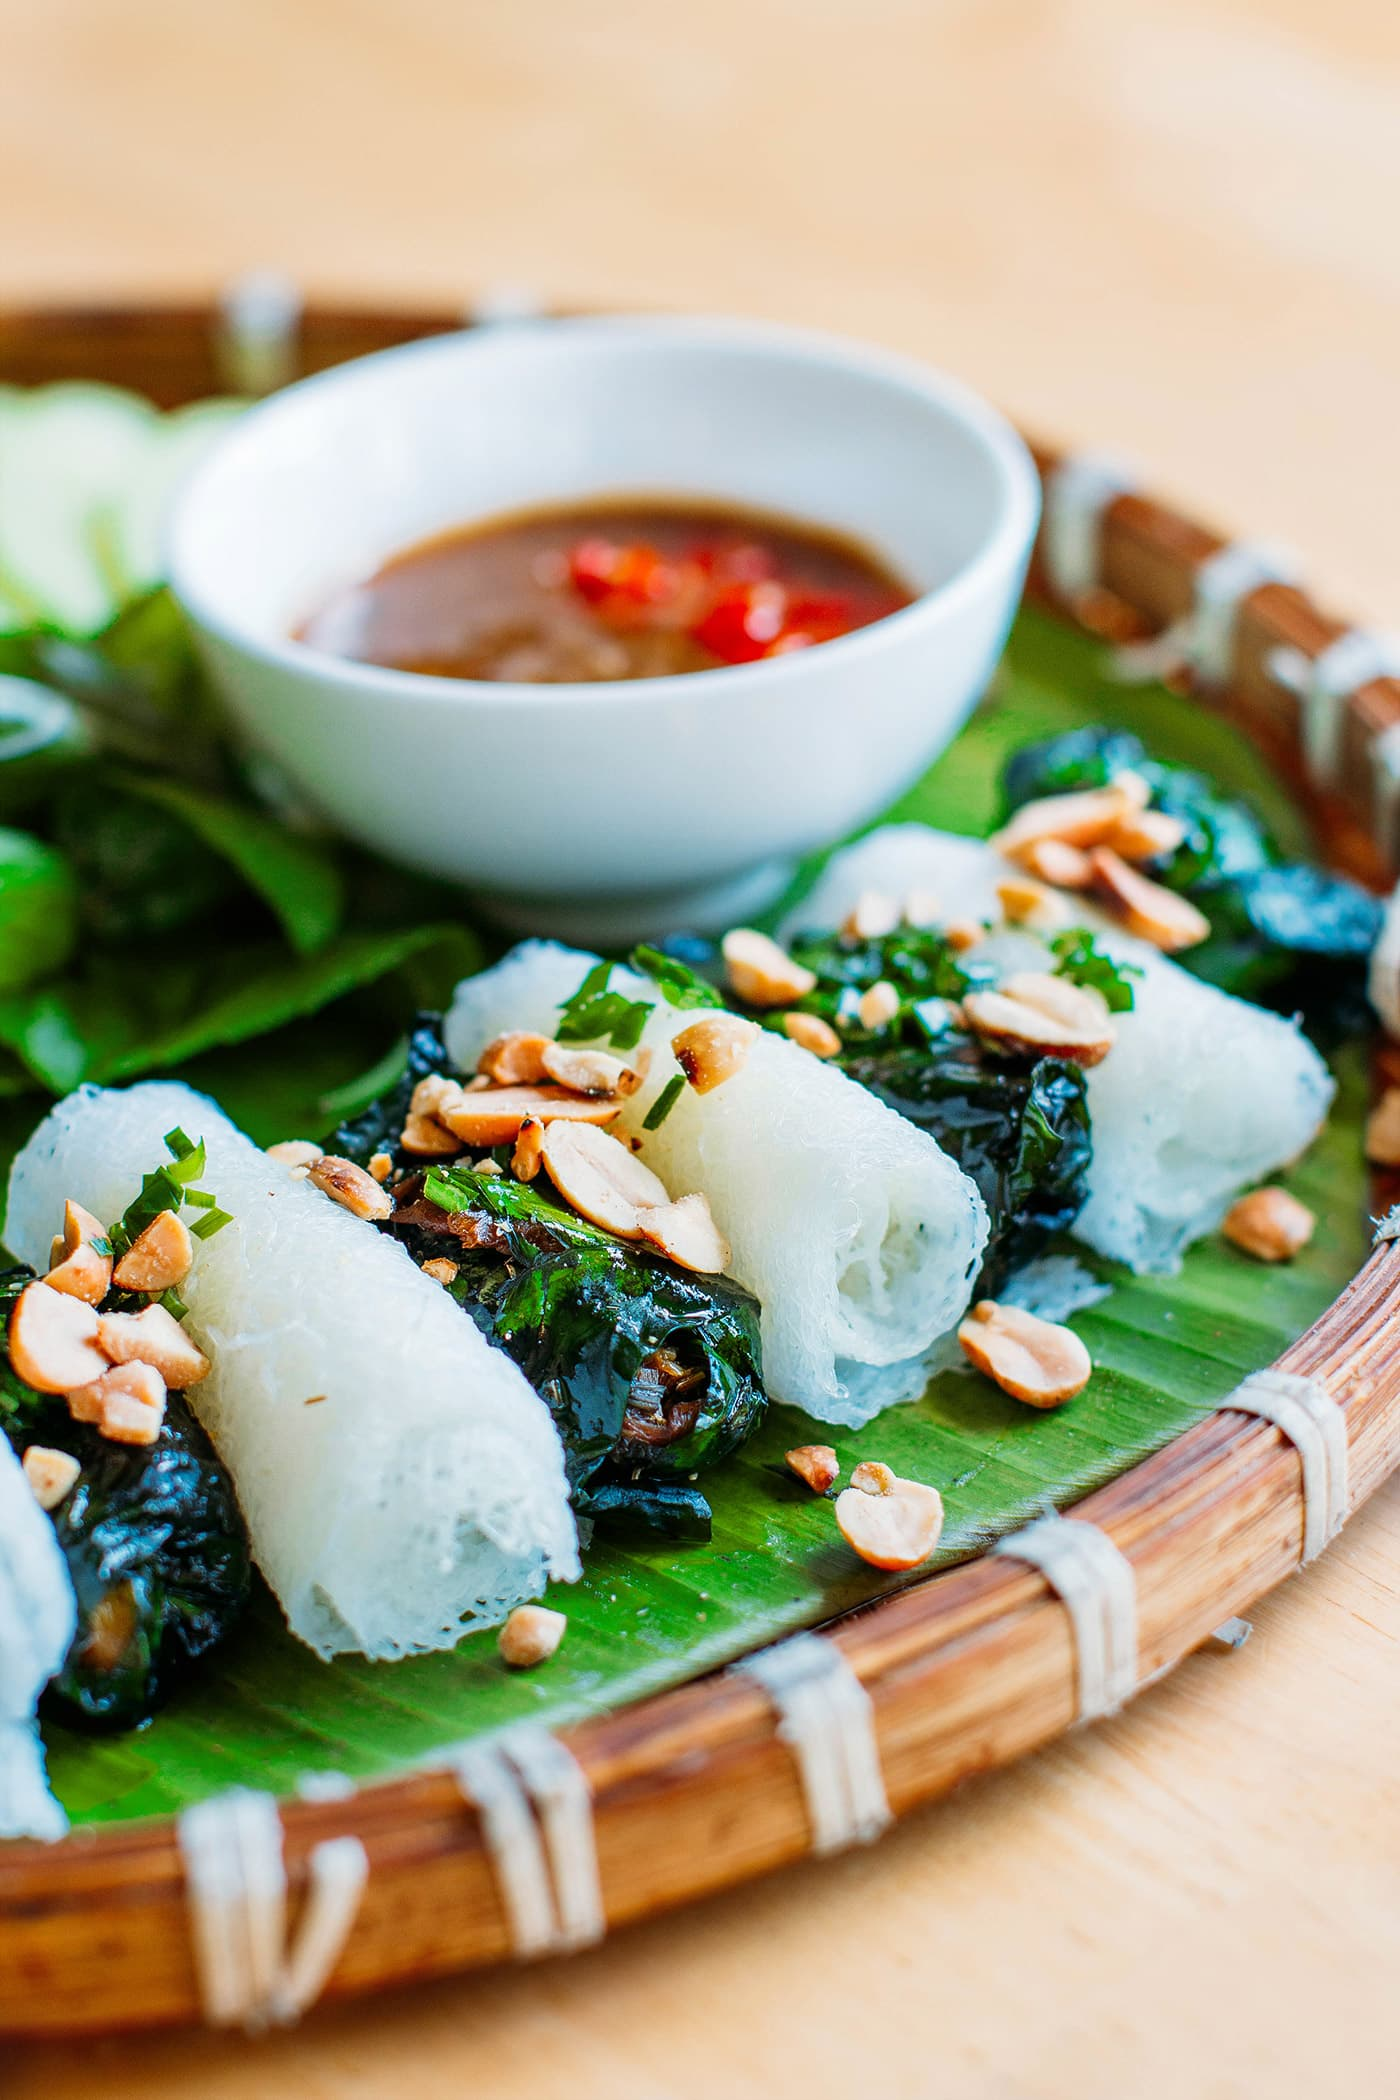 A Guide to Eating Vegan in Viet Nam - Bò Lá Lốt